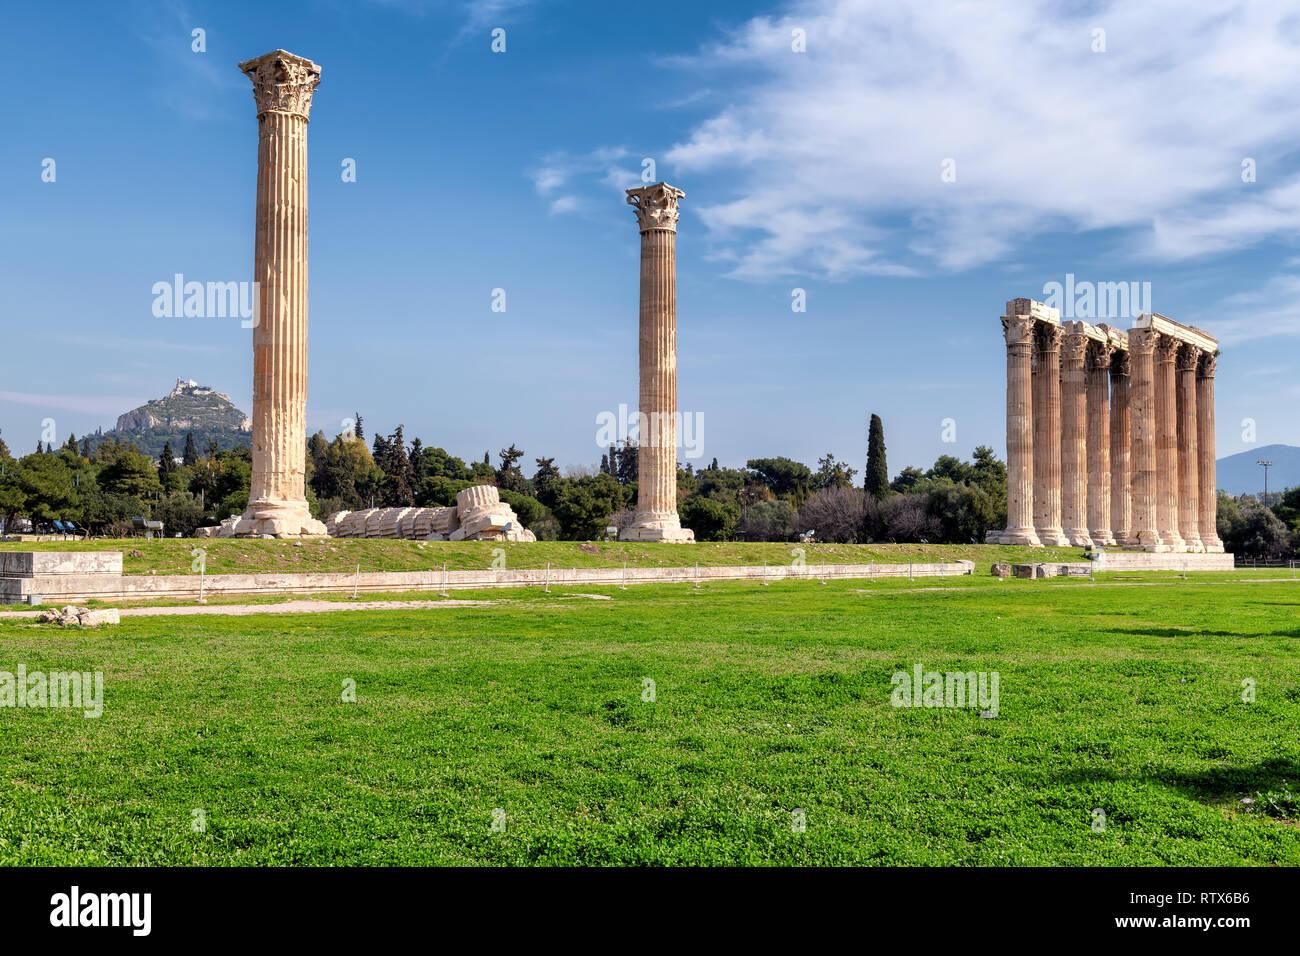 Olympian Zeus columns, Athens Greece - Stock Image